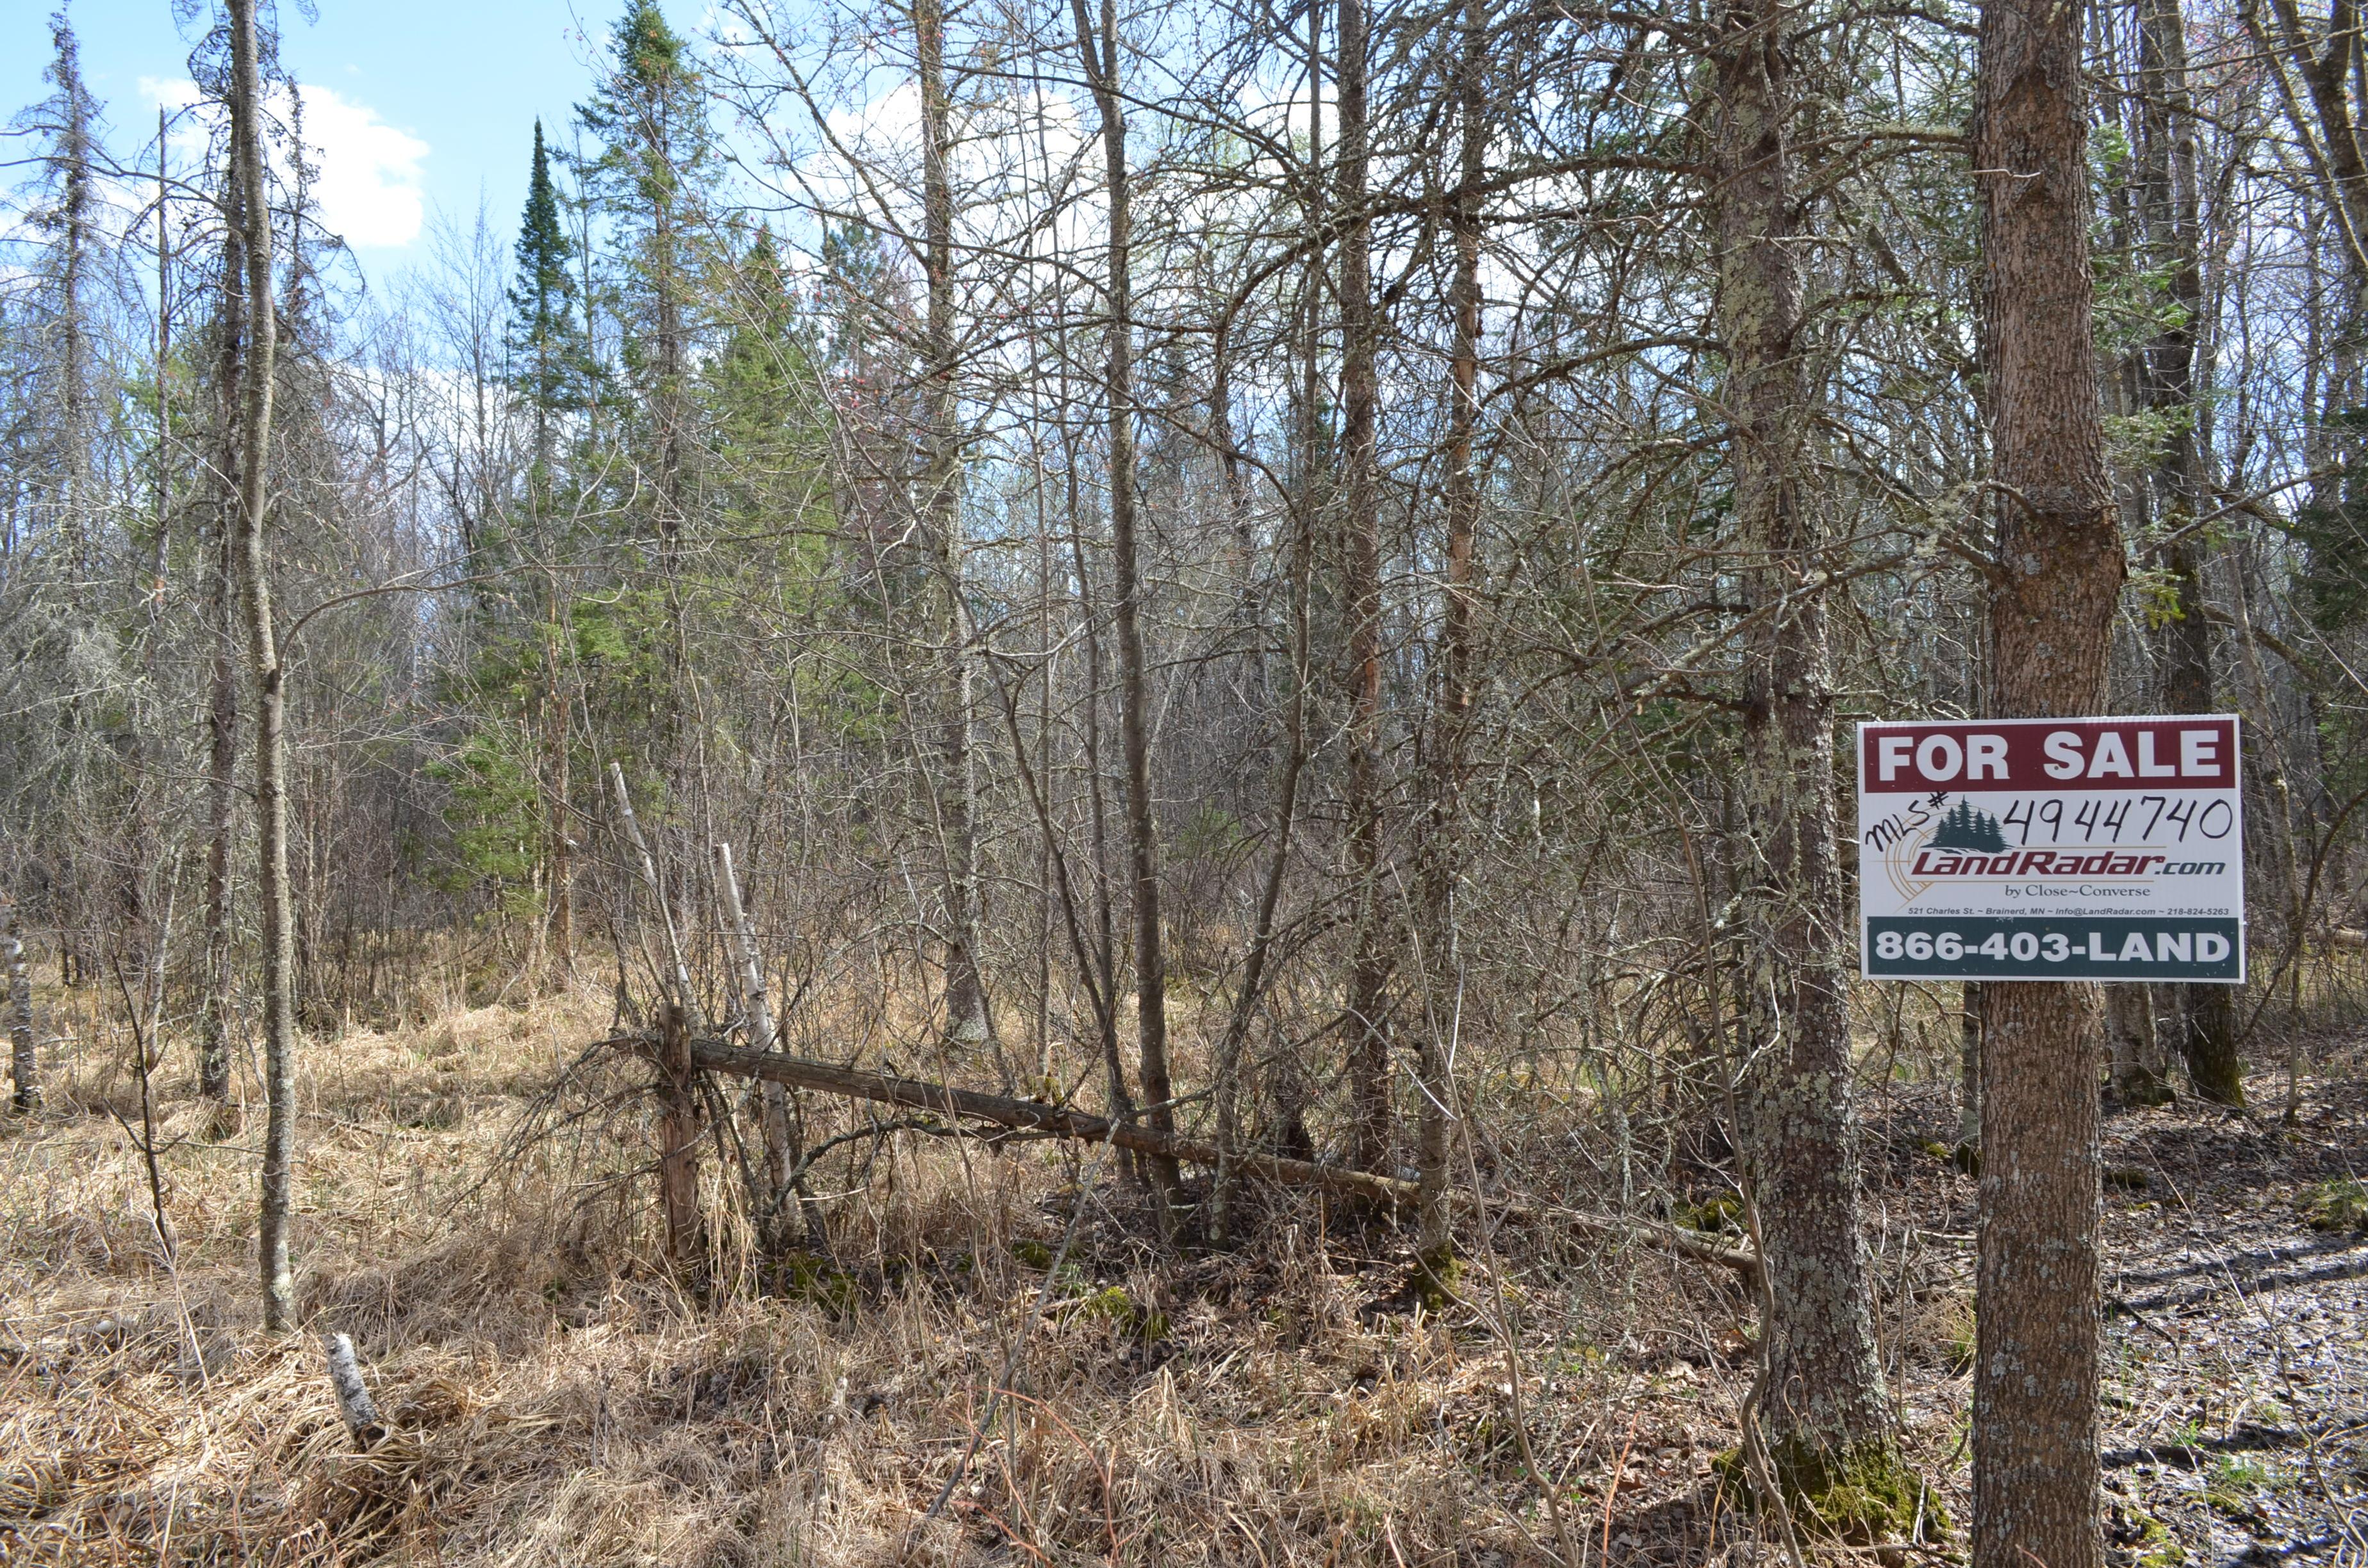 NENE&SENE Lens Rd, Ross Lake Twp, Aitkin